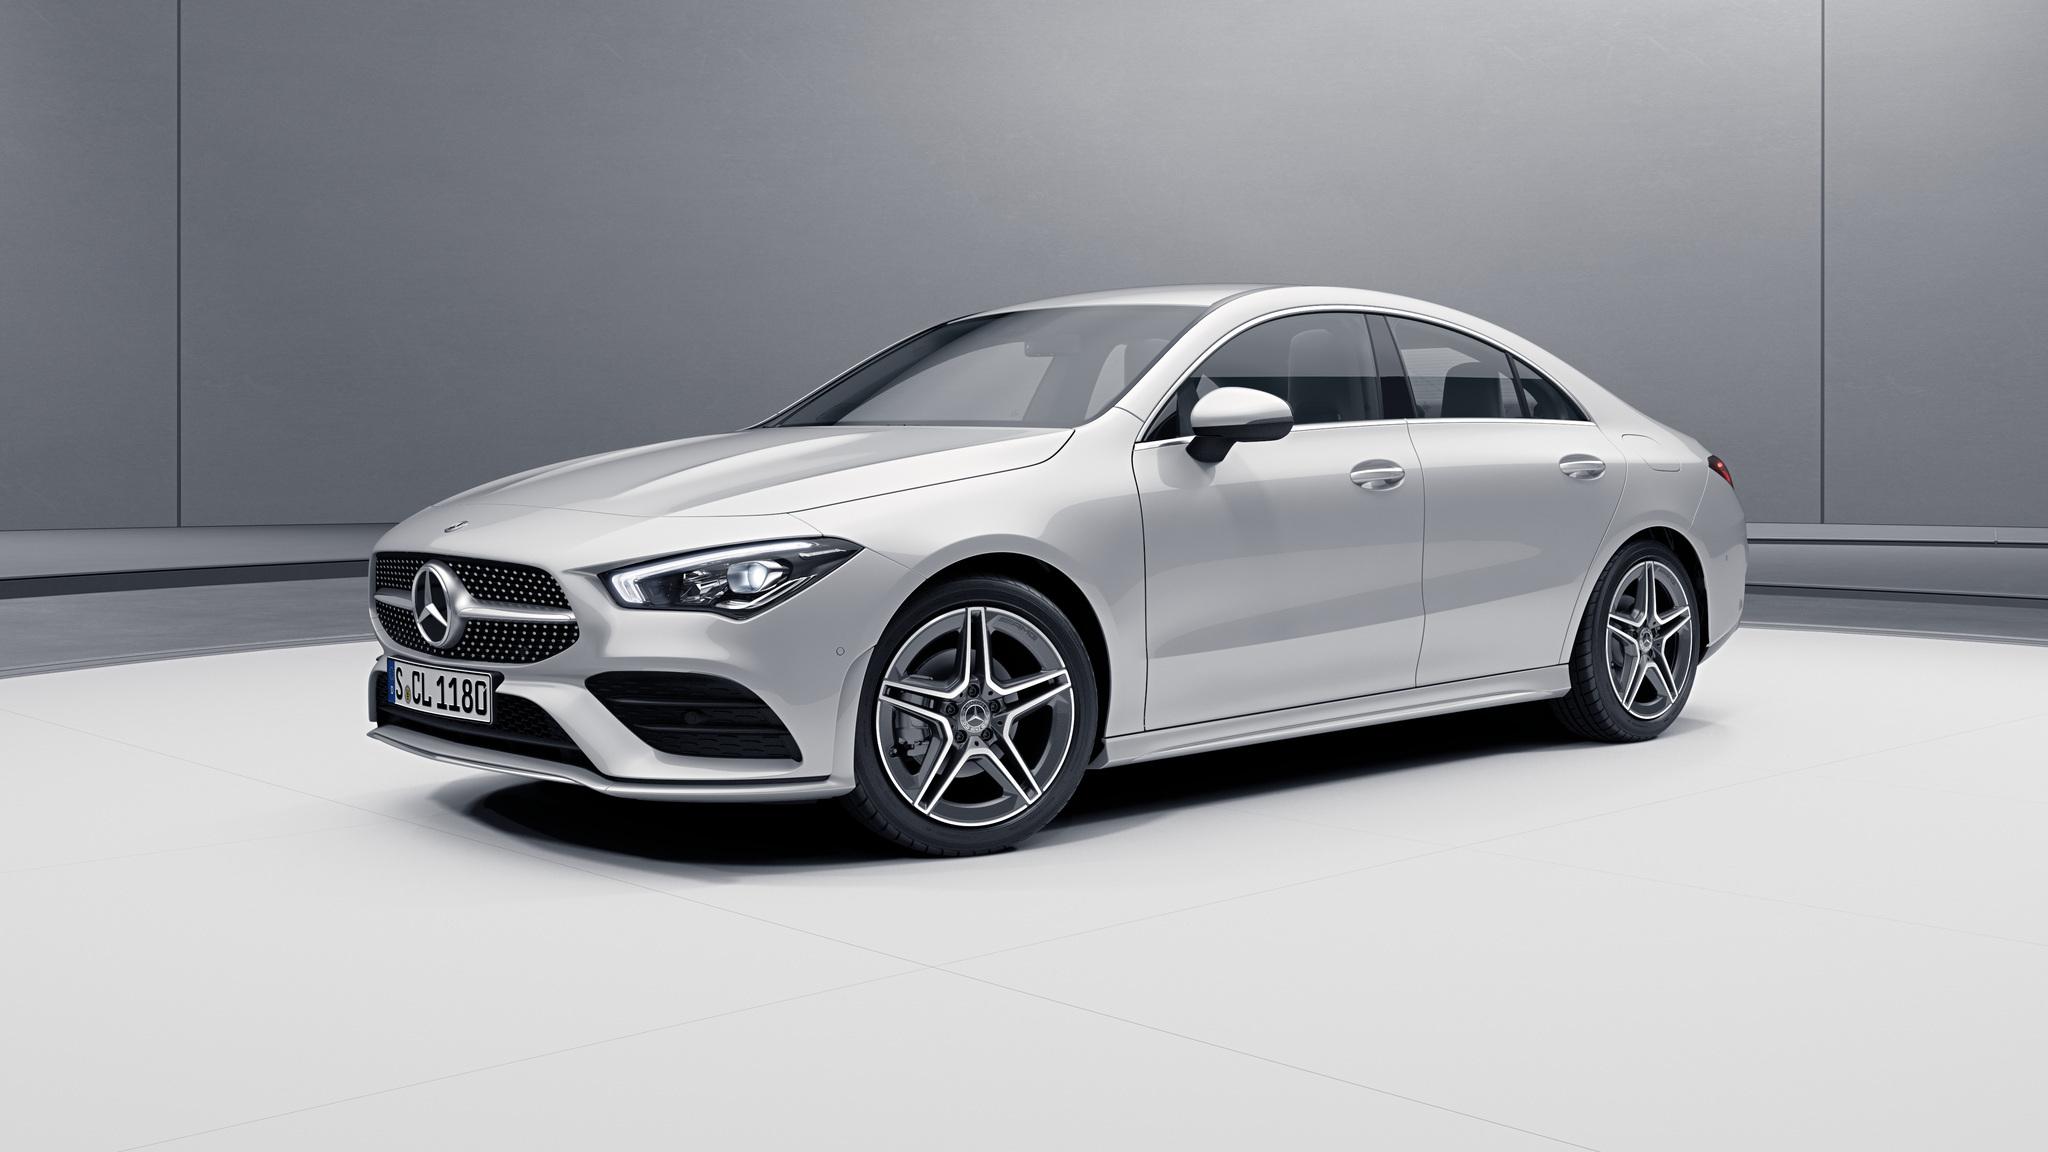 Vue de trois quarts de profil de la Mercedes CLA avec la peinture métallisé blanc numérique